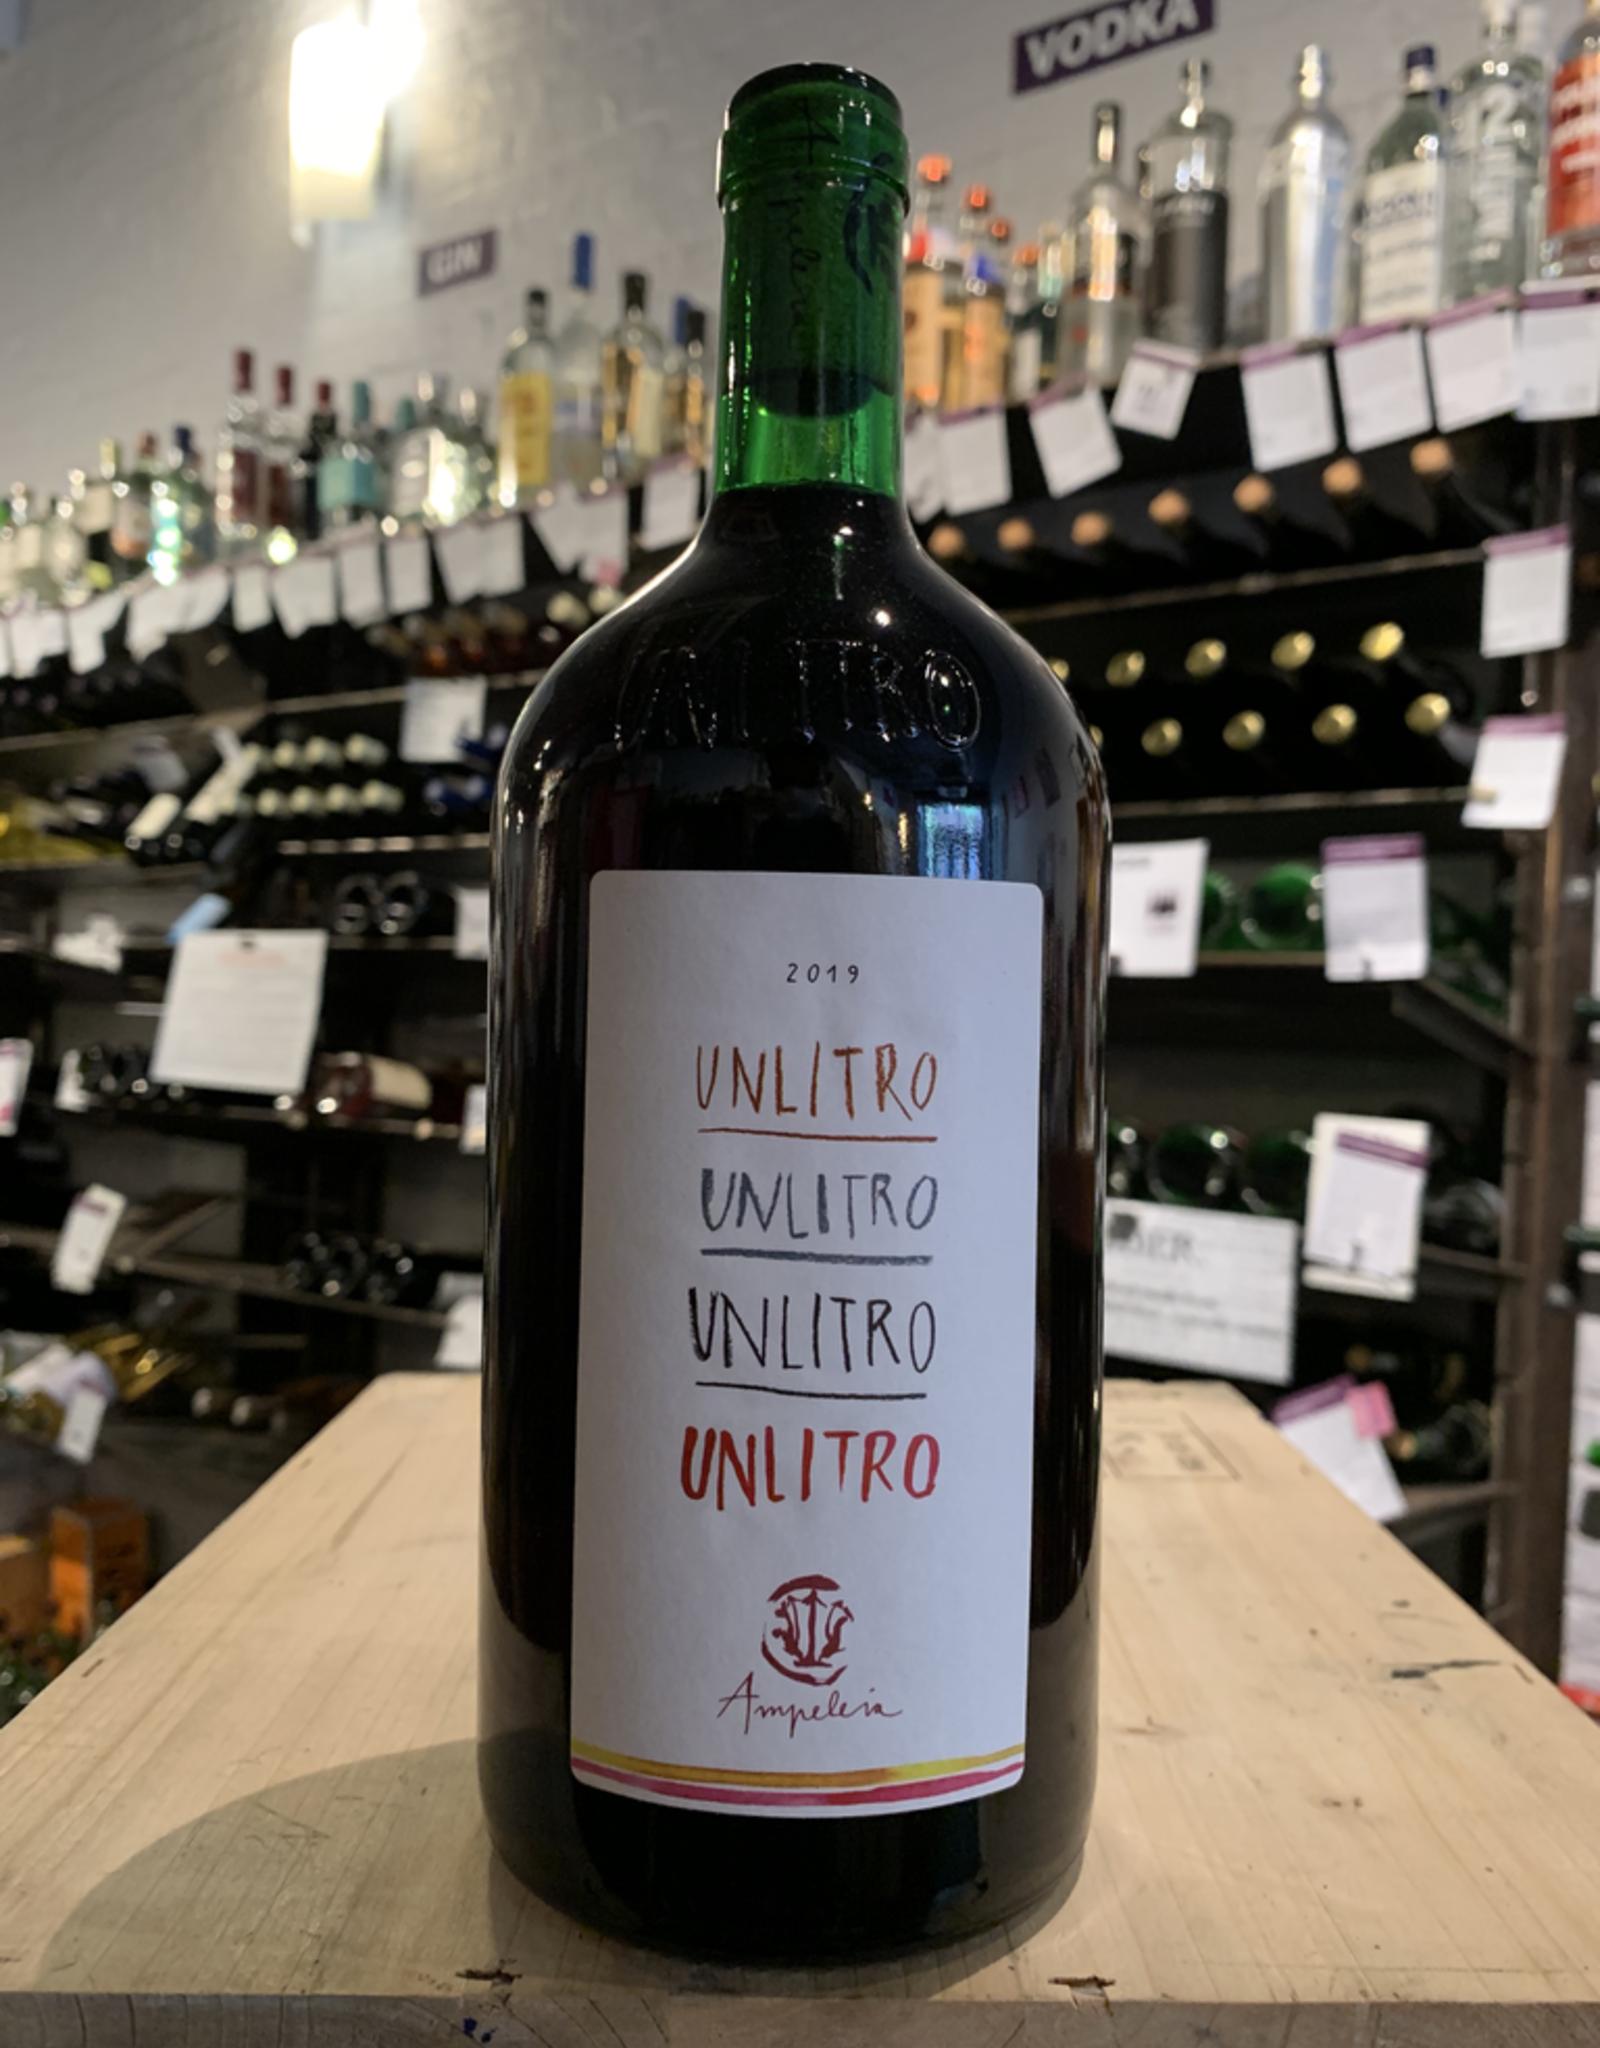 2019 Ampeleia Costa Toscana Unlitro - Tuscany, Italy (750ml)